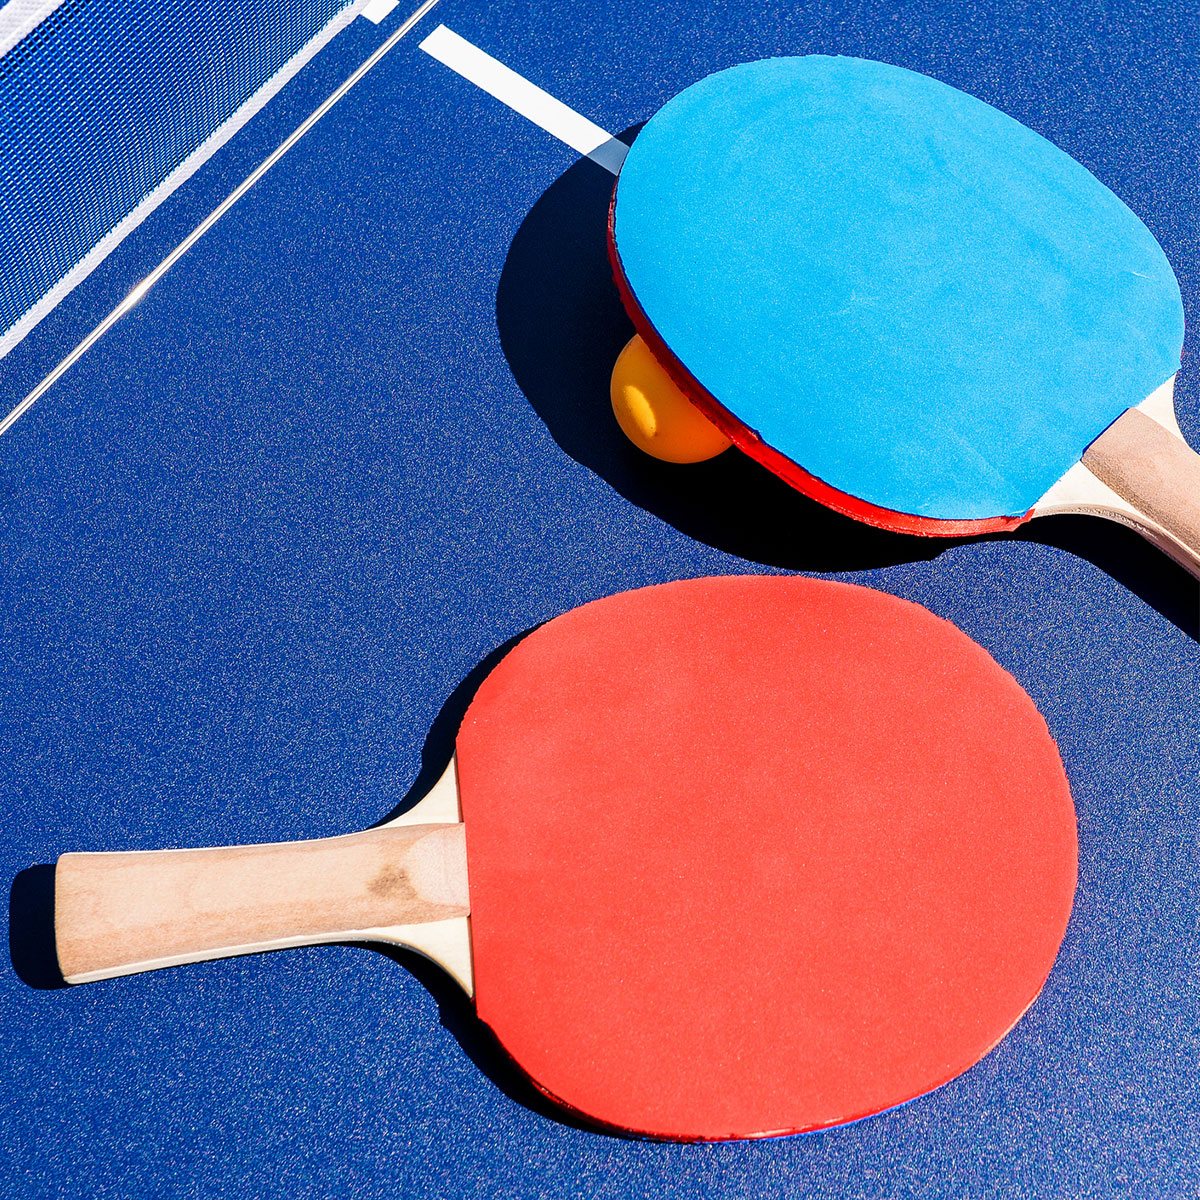 Tennis de table - Séance du 1er octobre